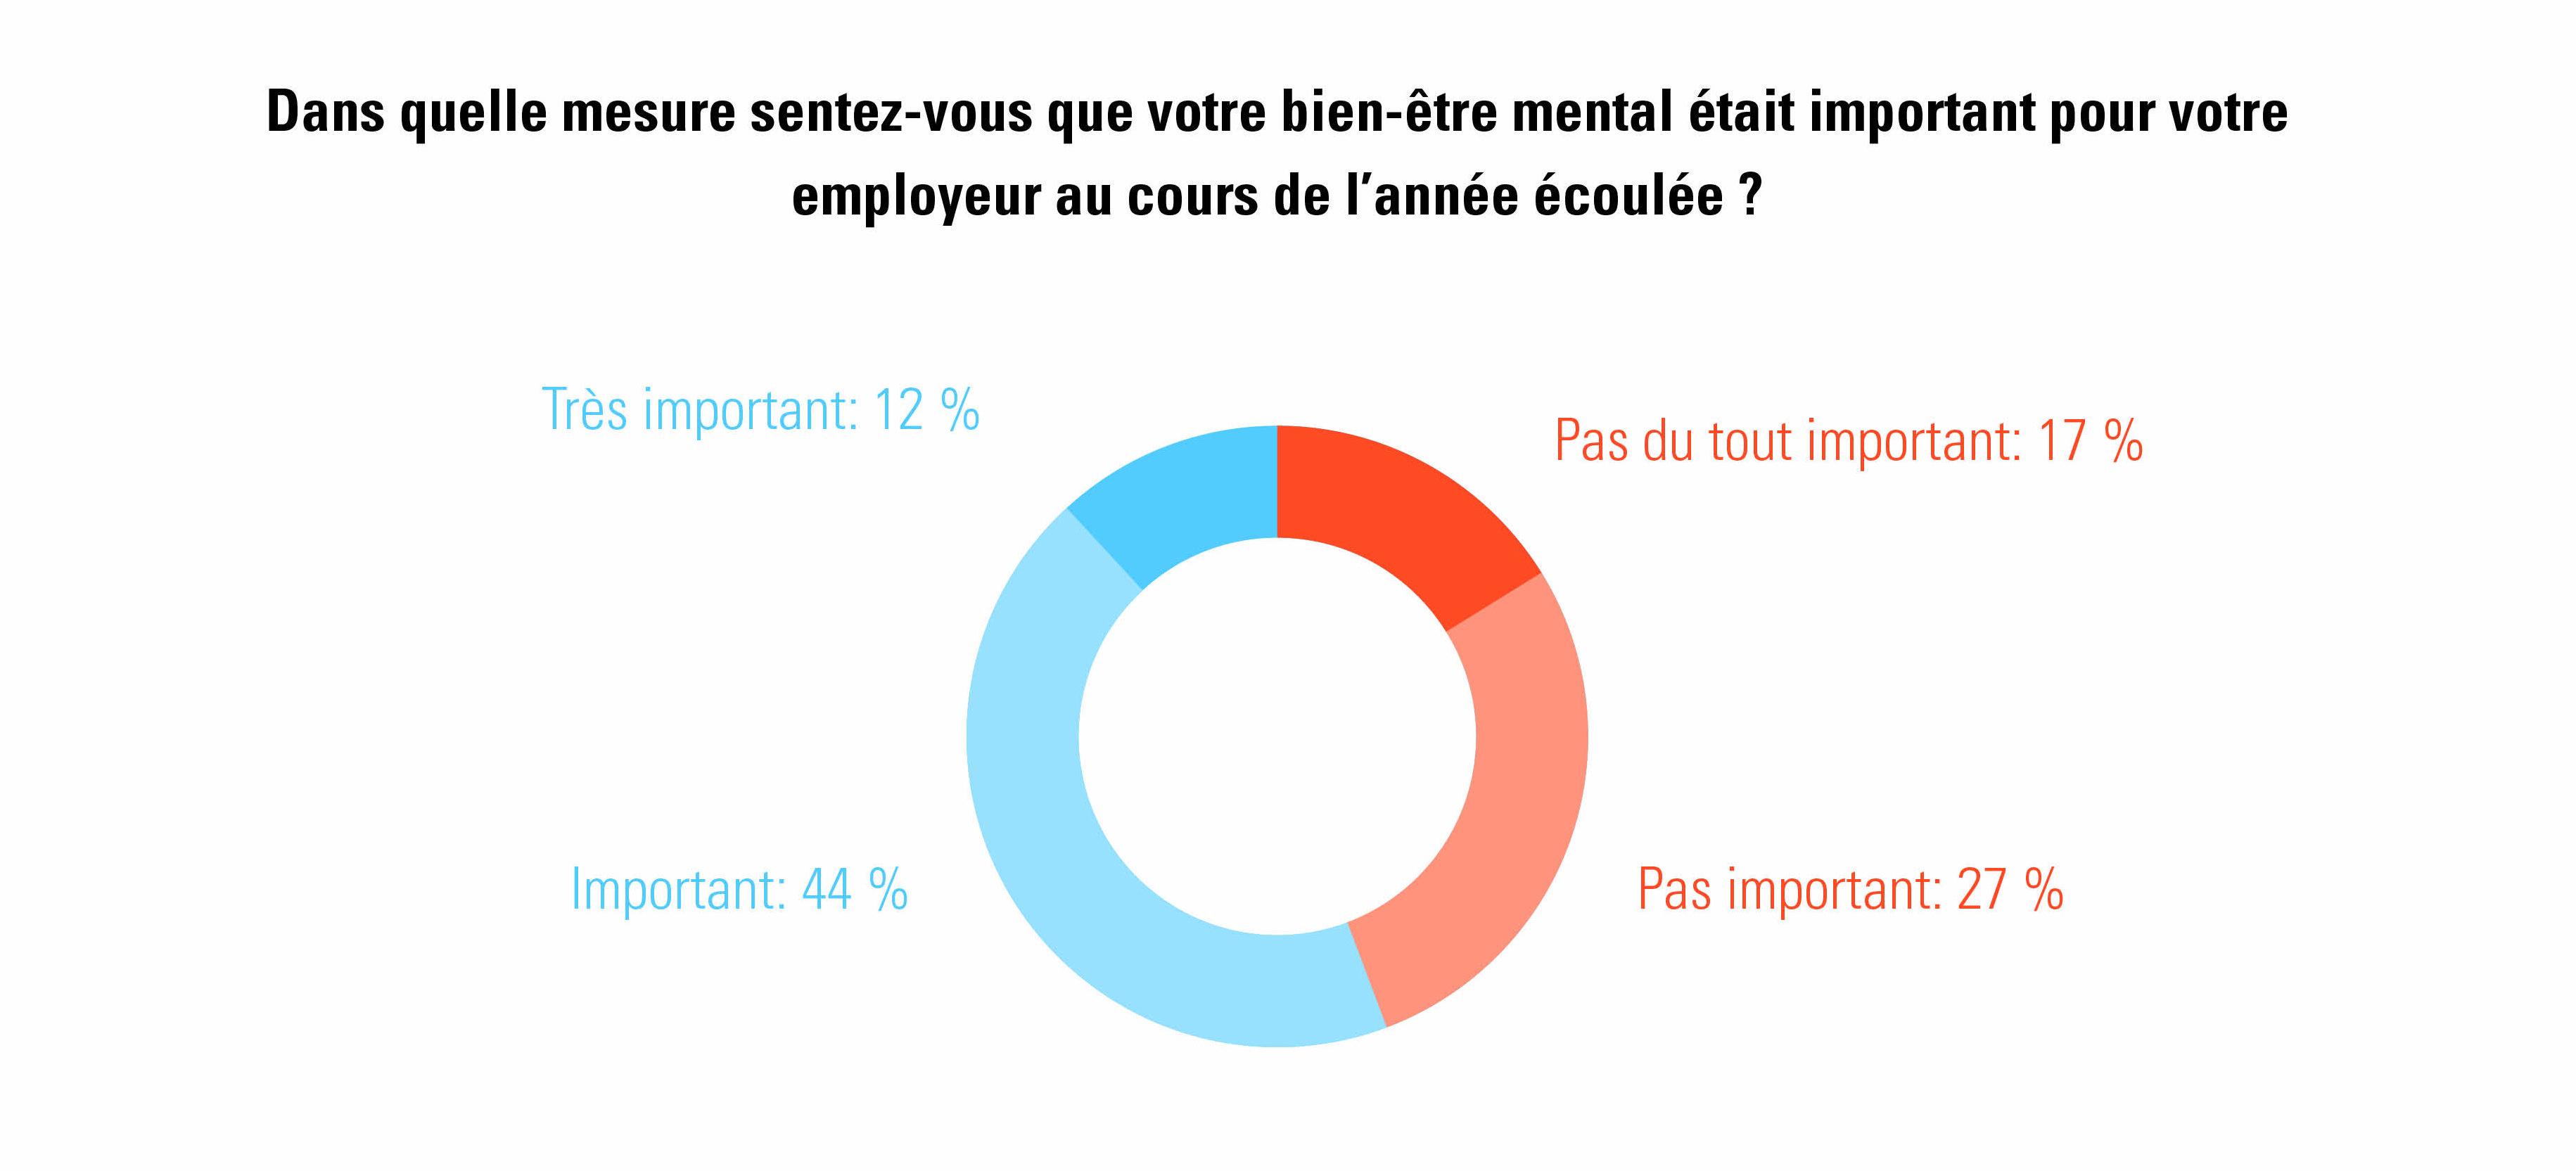 estimation par les travailleurs de l'importance du bien-être pour les employeurs (Talent Pulse 2021)